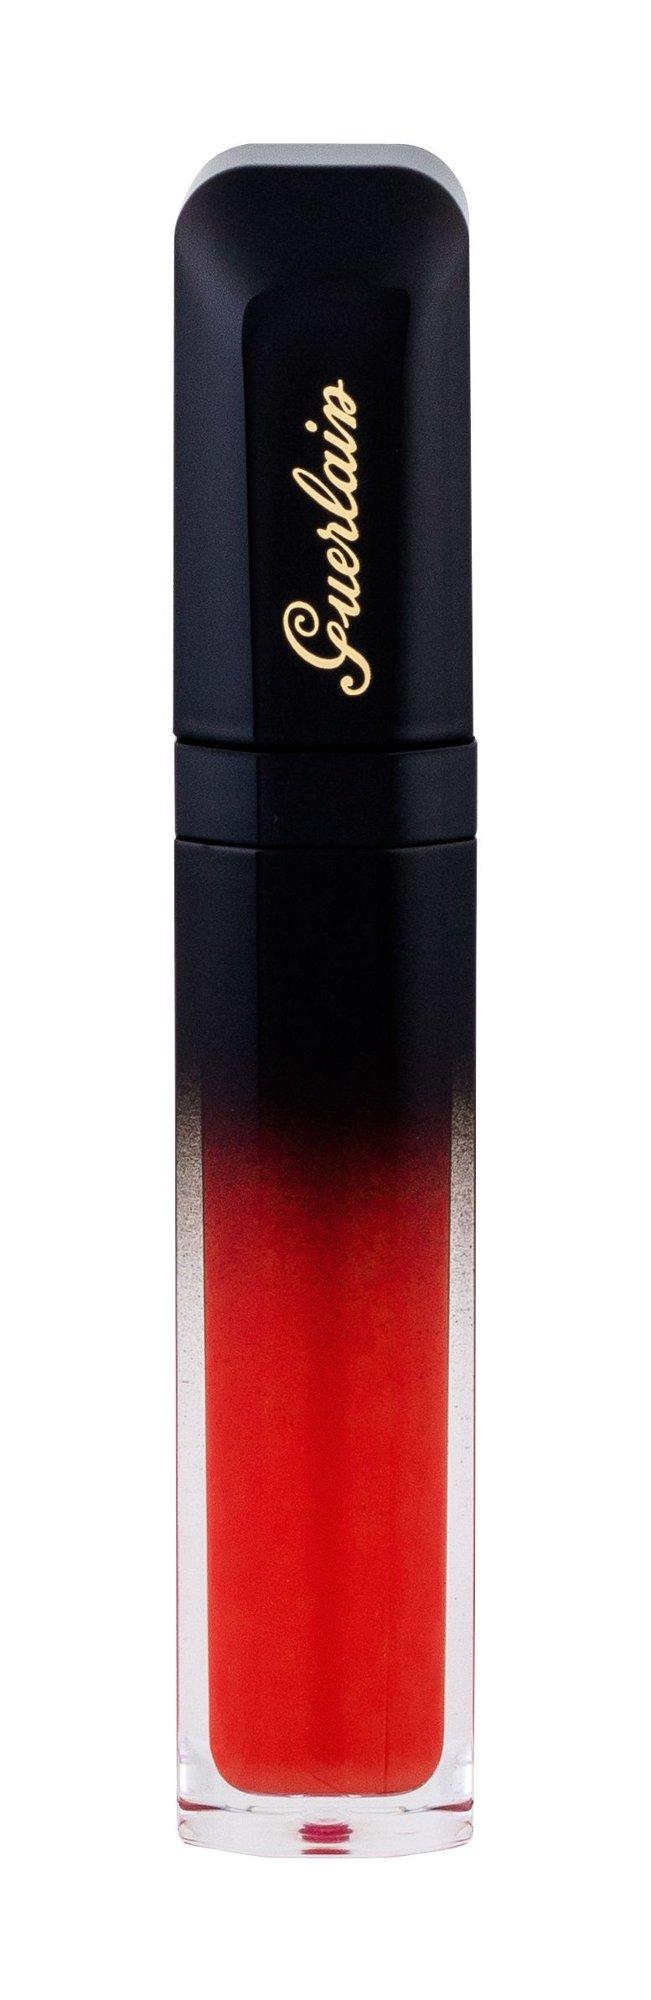 Guerlain Intense Liquid Matte Lipstick 7ml M41 Appealing Orange